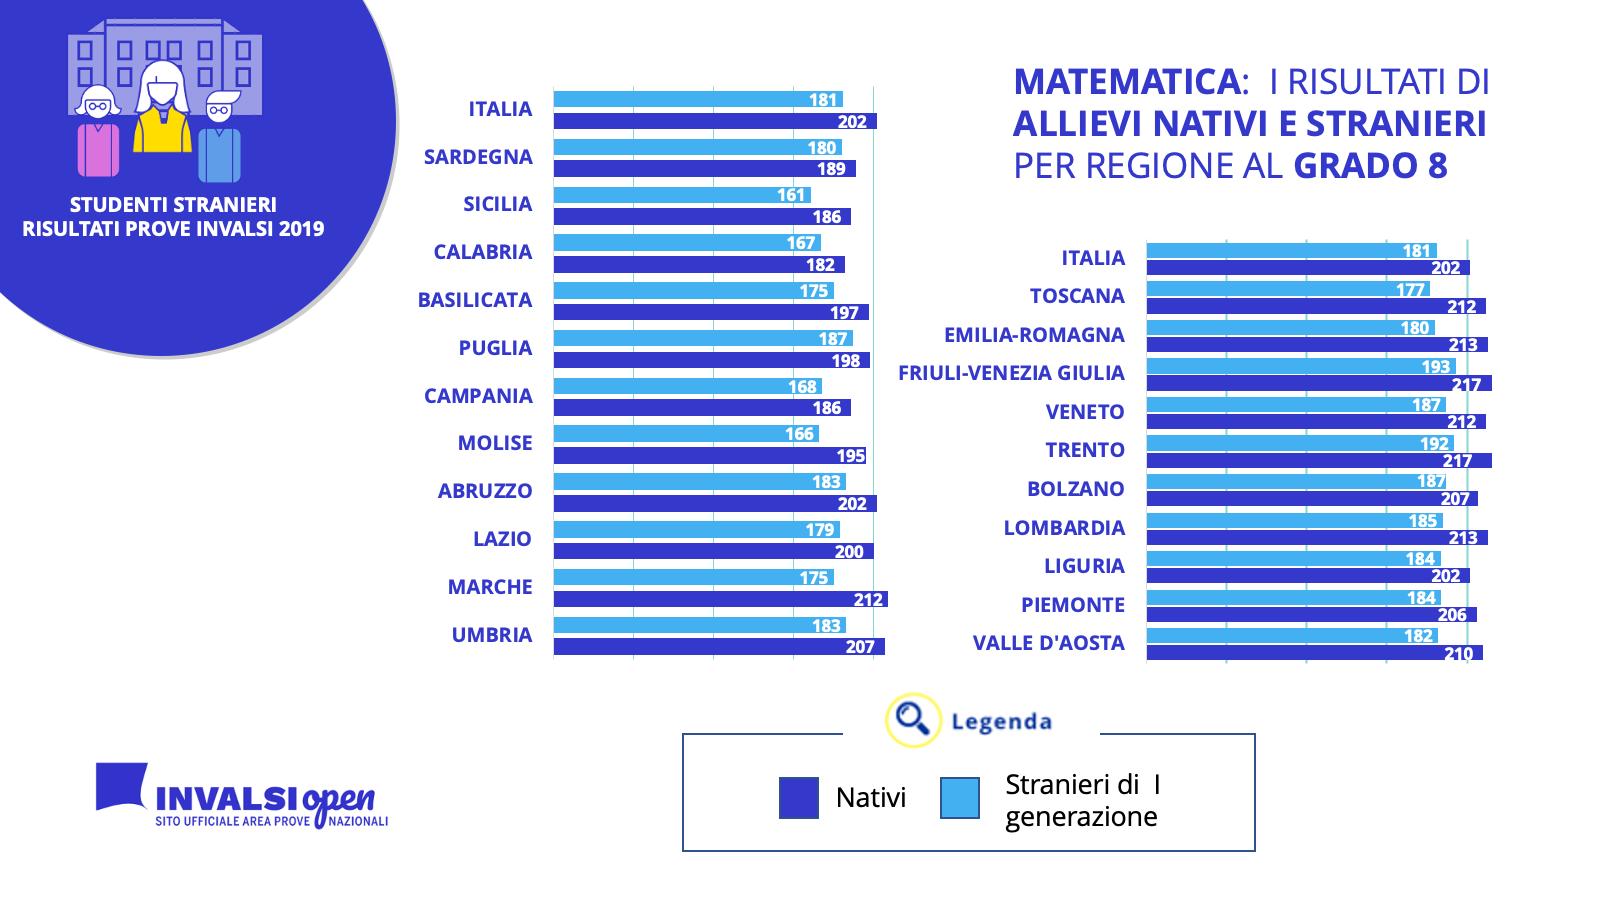 prove invalsi 2019 i risultati di matematica per regione al grado 8